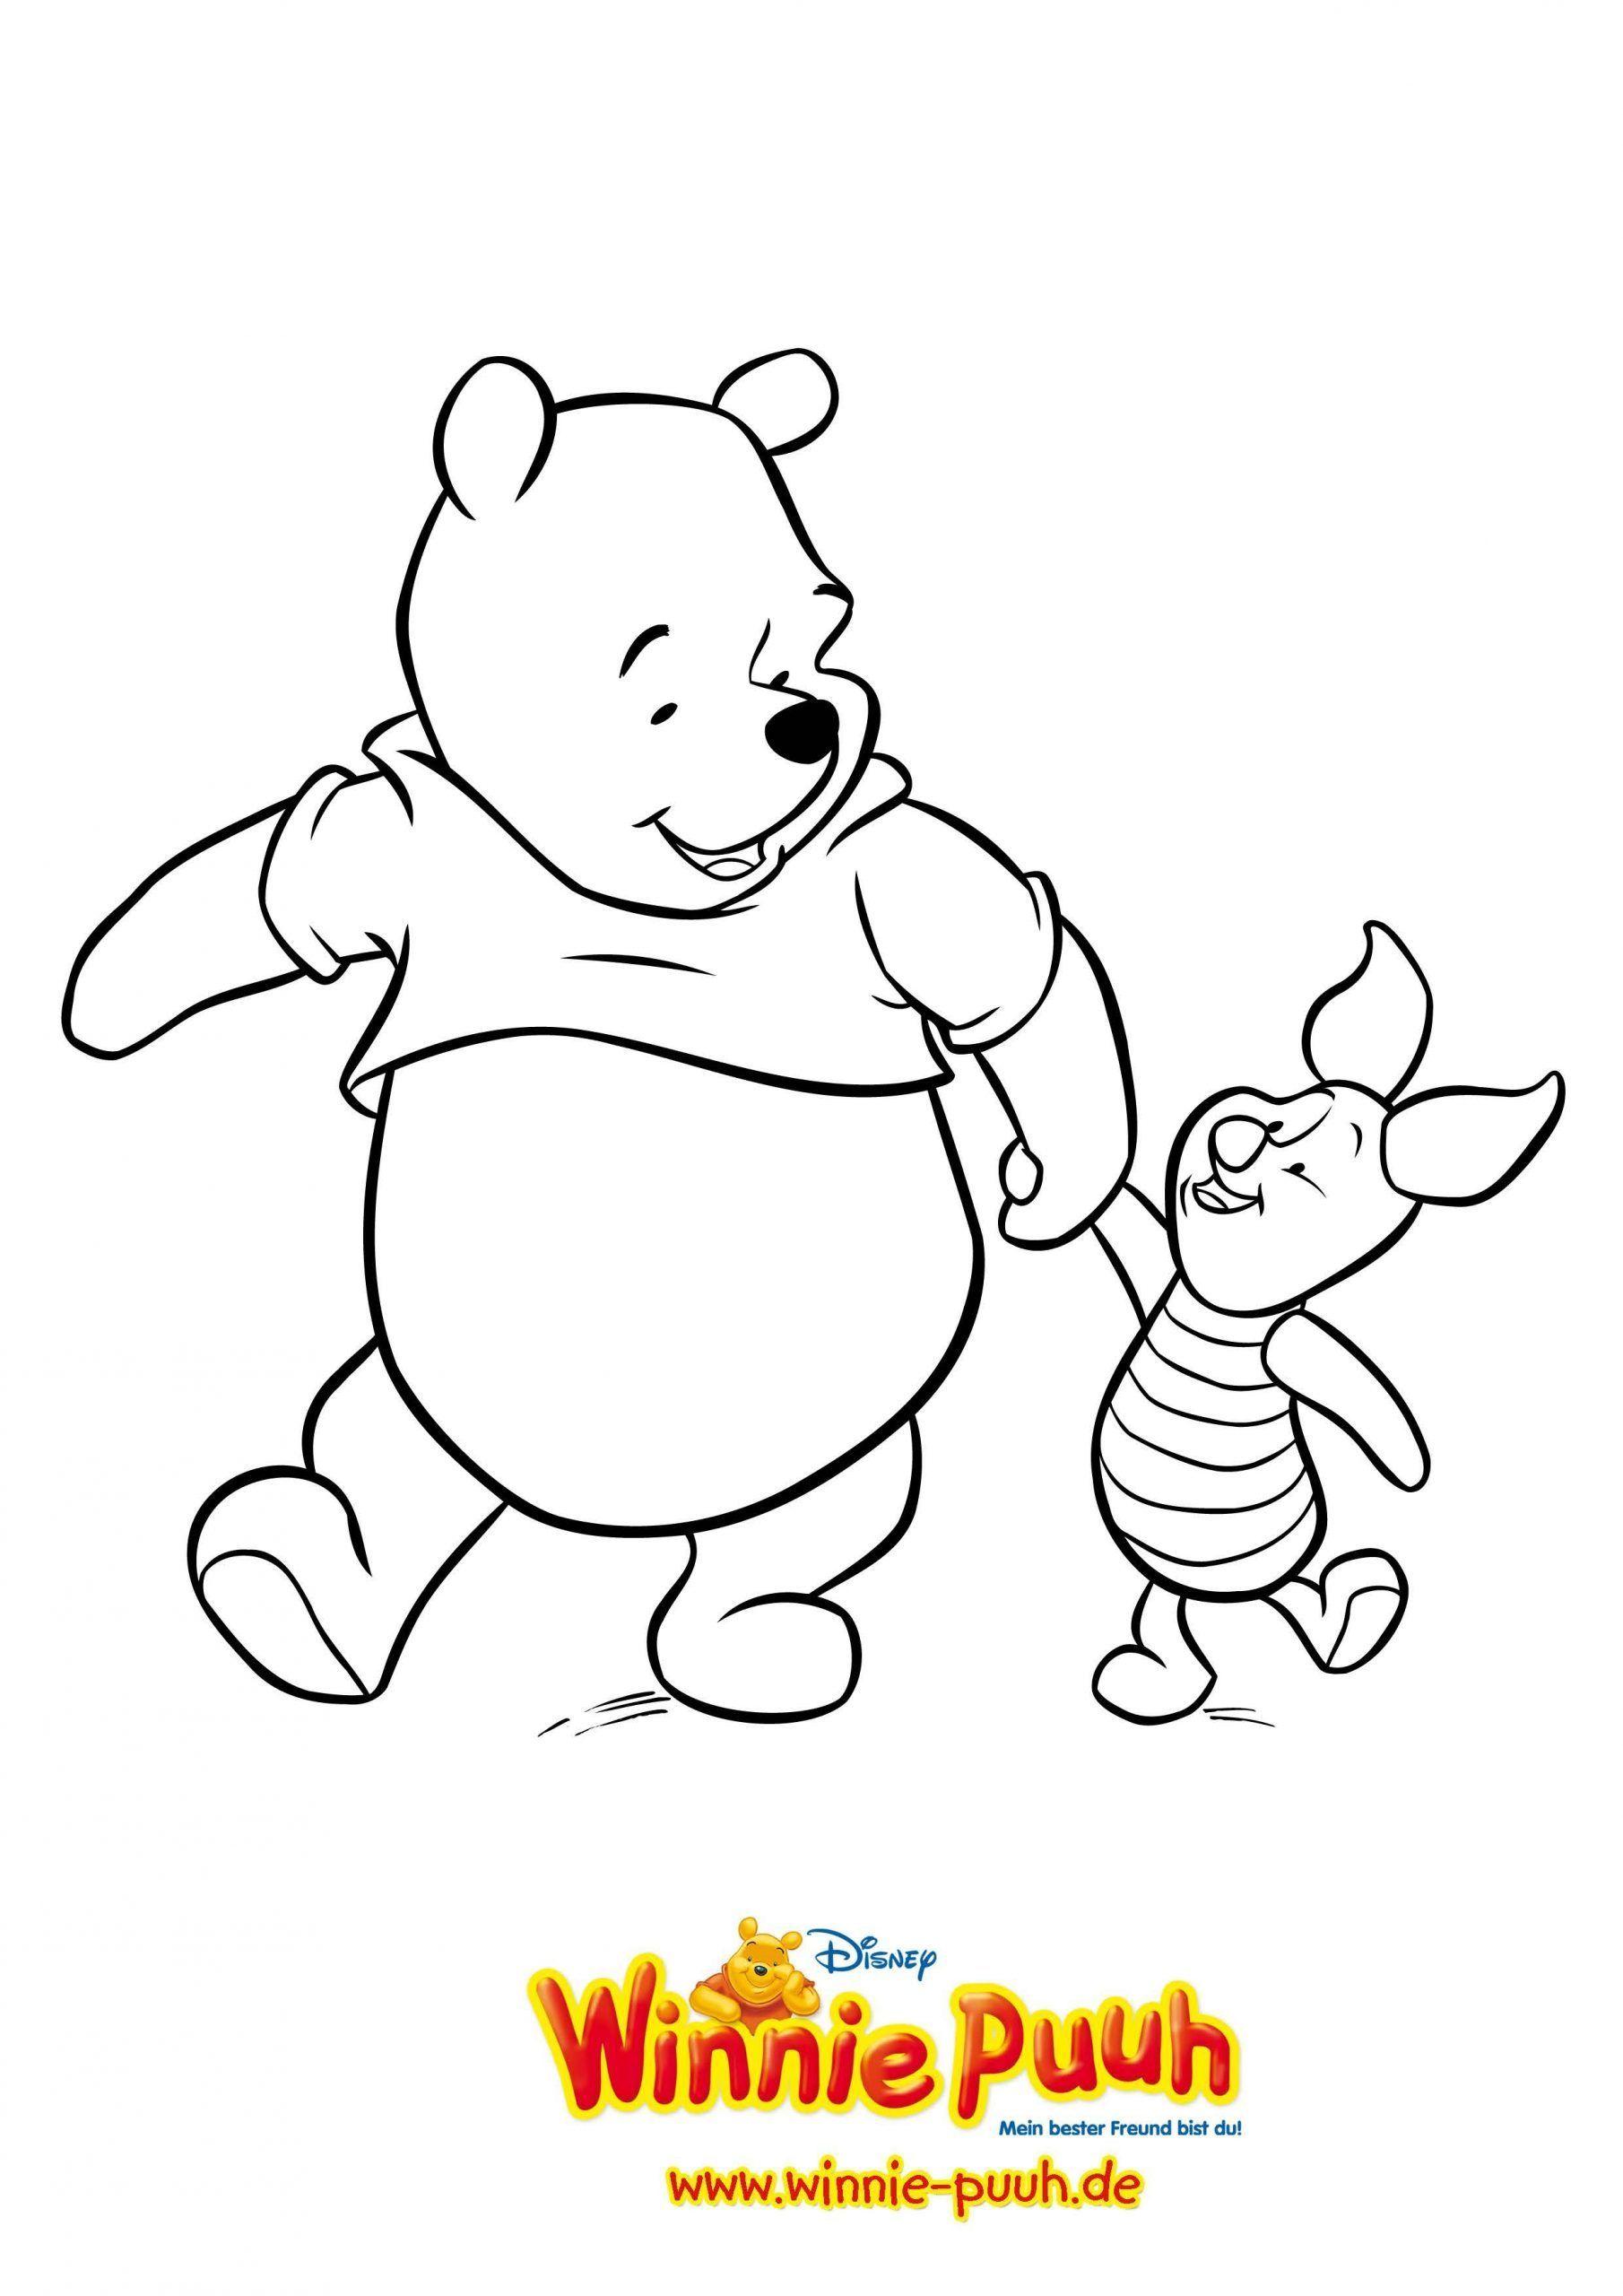 Winnie Pooh Ia Malvorlagen